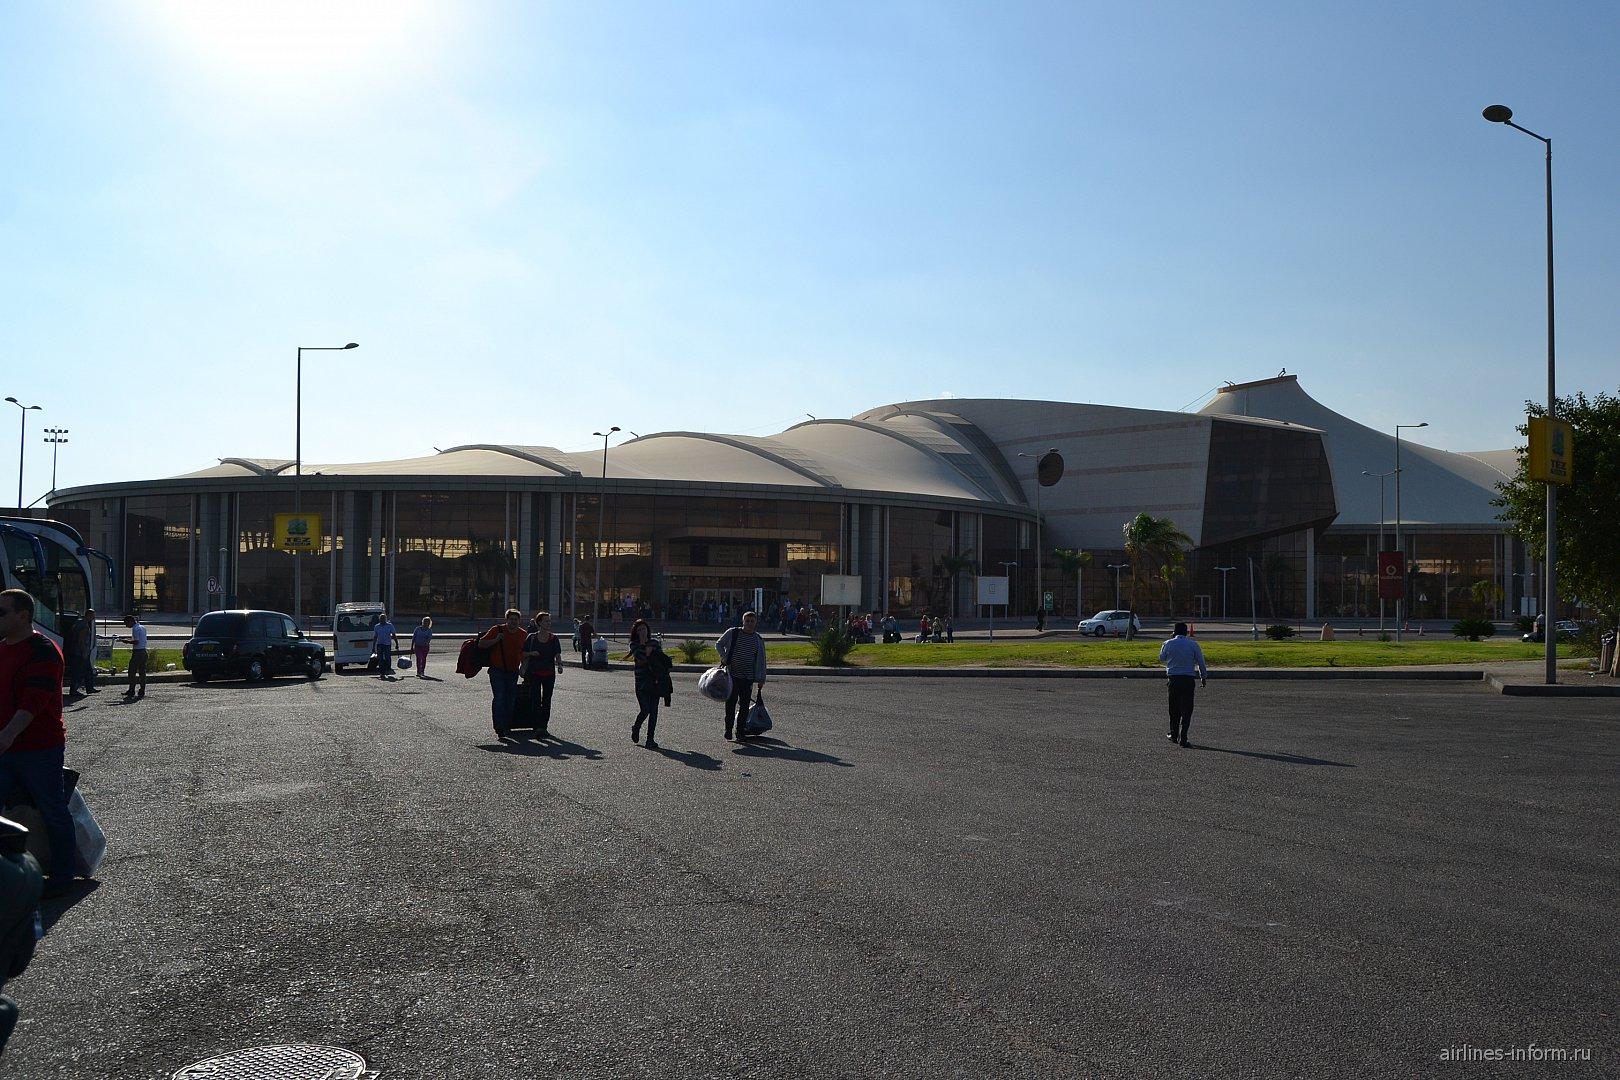 Пассажирские терминал 1 аэропорта Шарм-Эль-Шейх